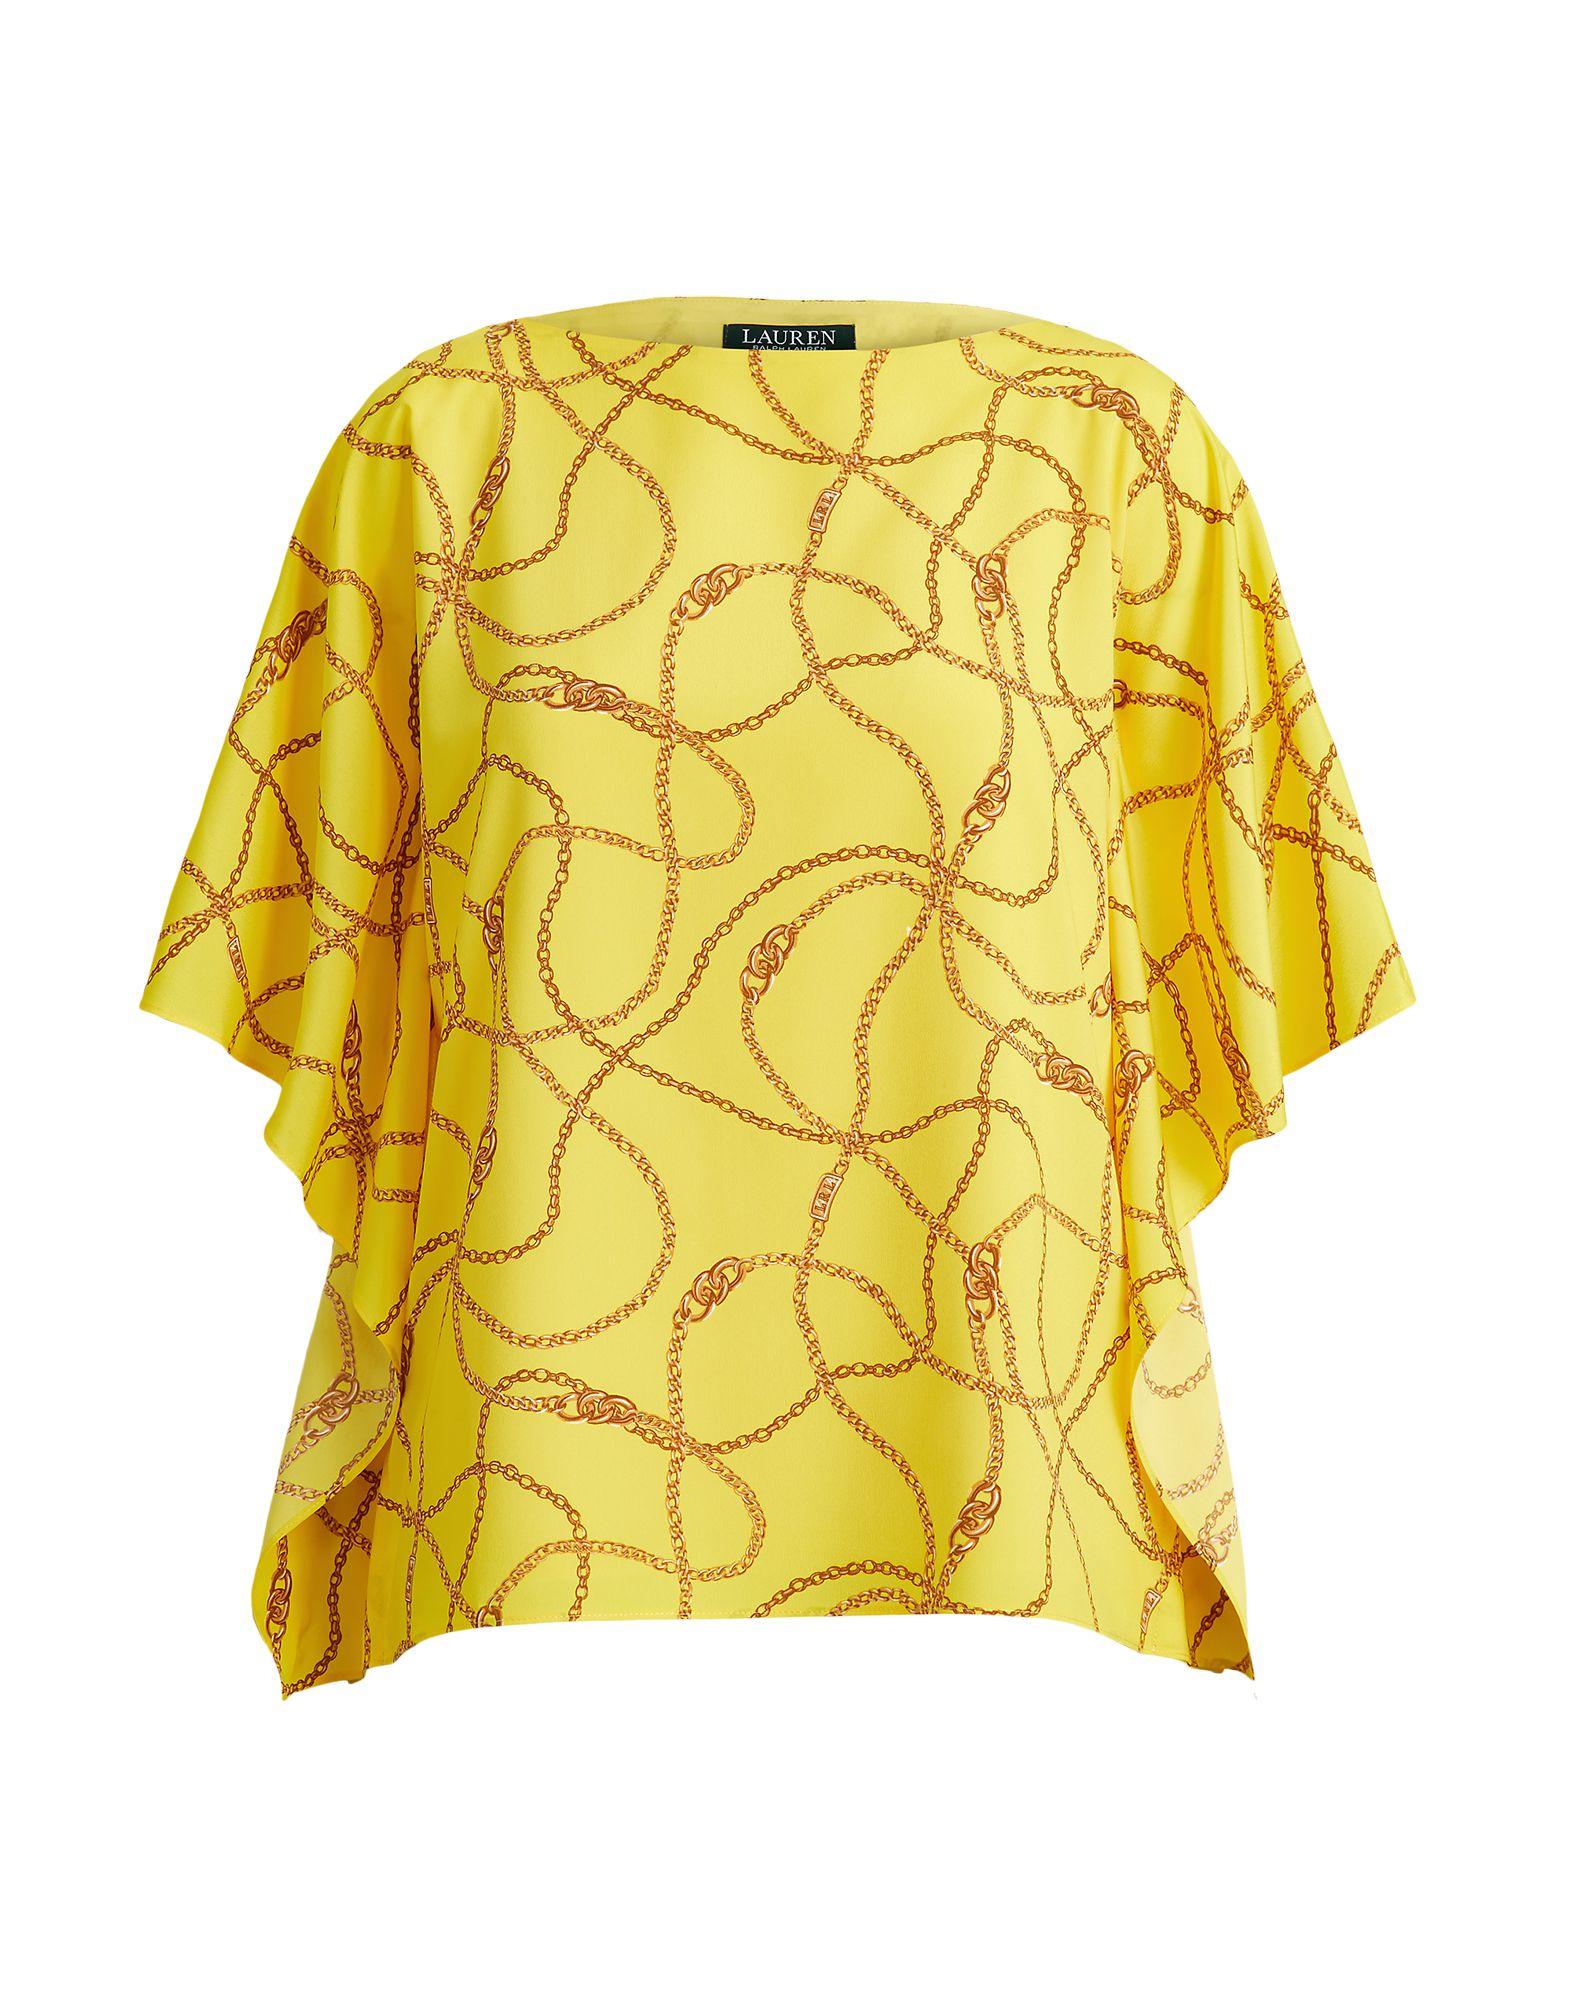 LAUREN RALPH LAUREN Блузка lauren ralph lauren блузка